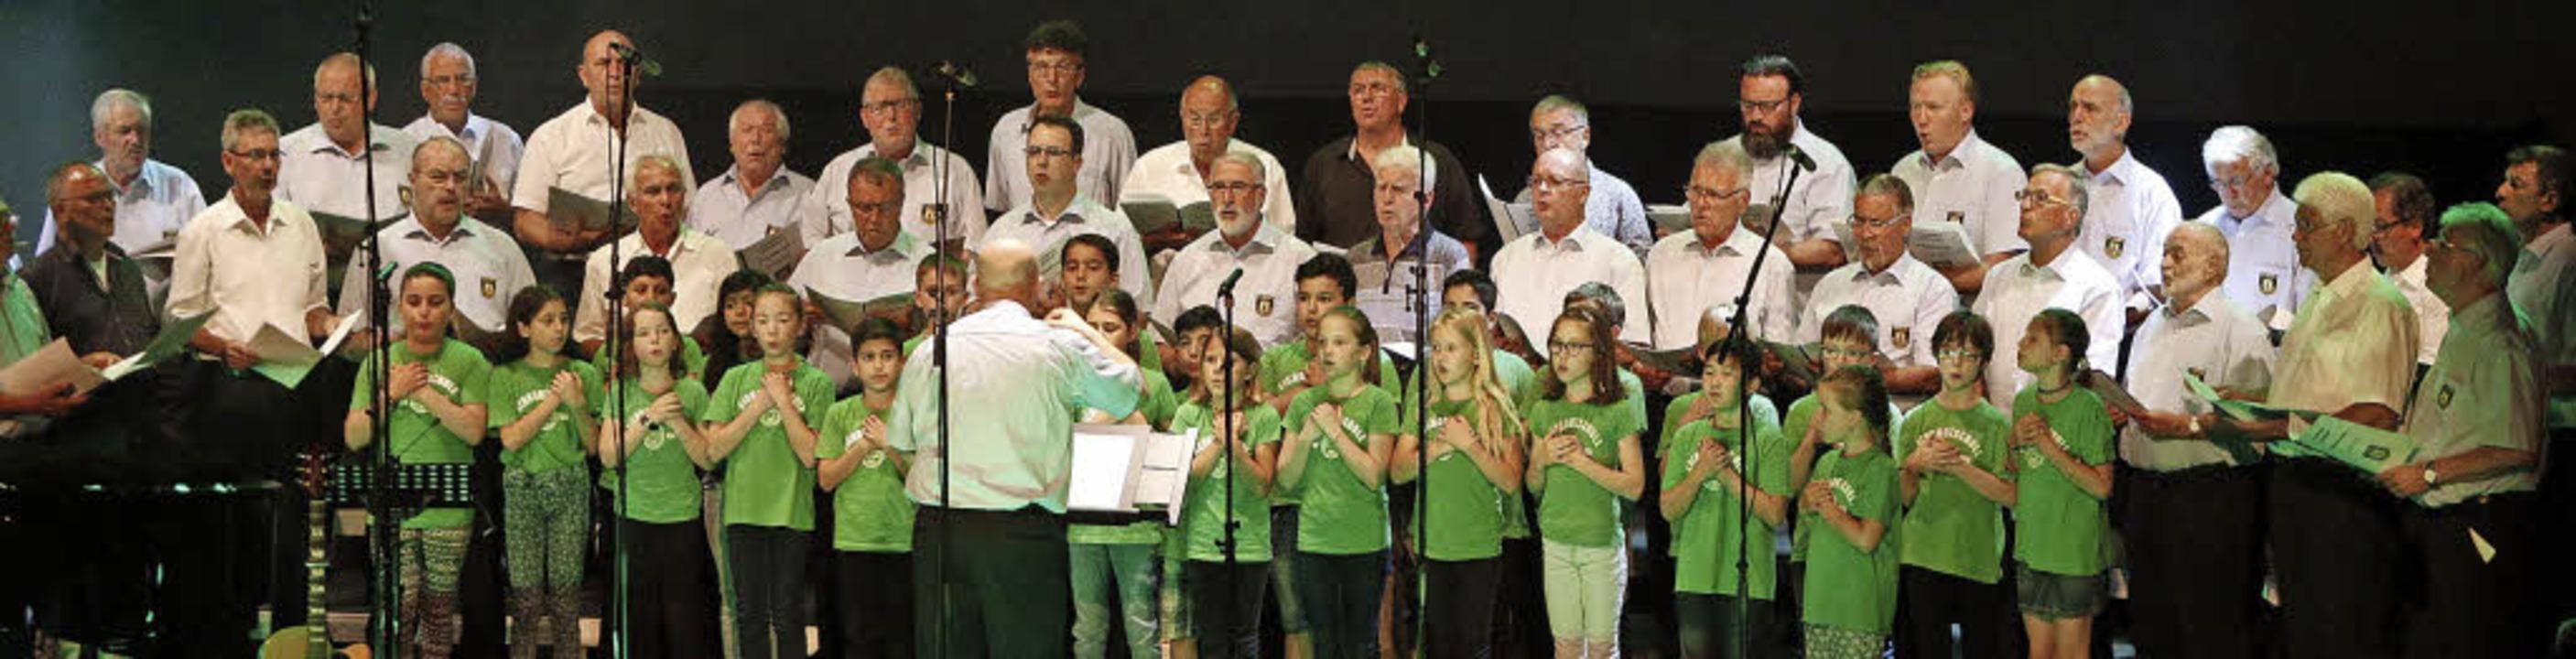 Eine Premiere feierte der Projektchor ...Kinderchor der Lahrer Eichrodtschule.   | Foto: Heidi Fössel